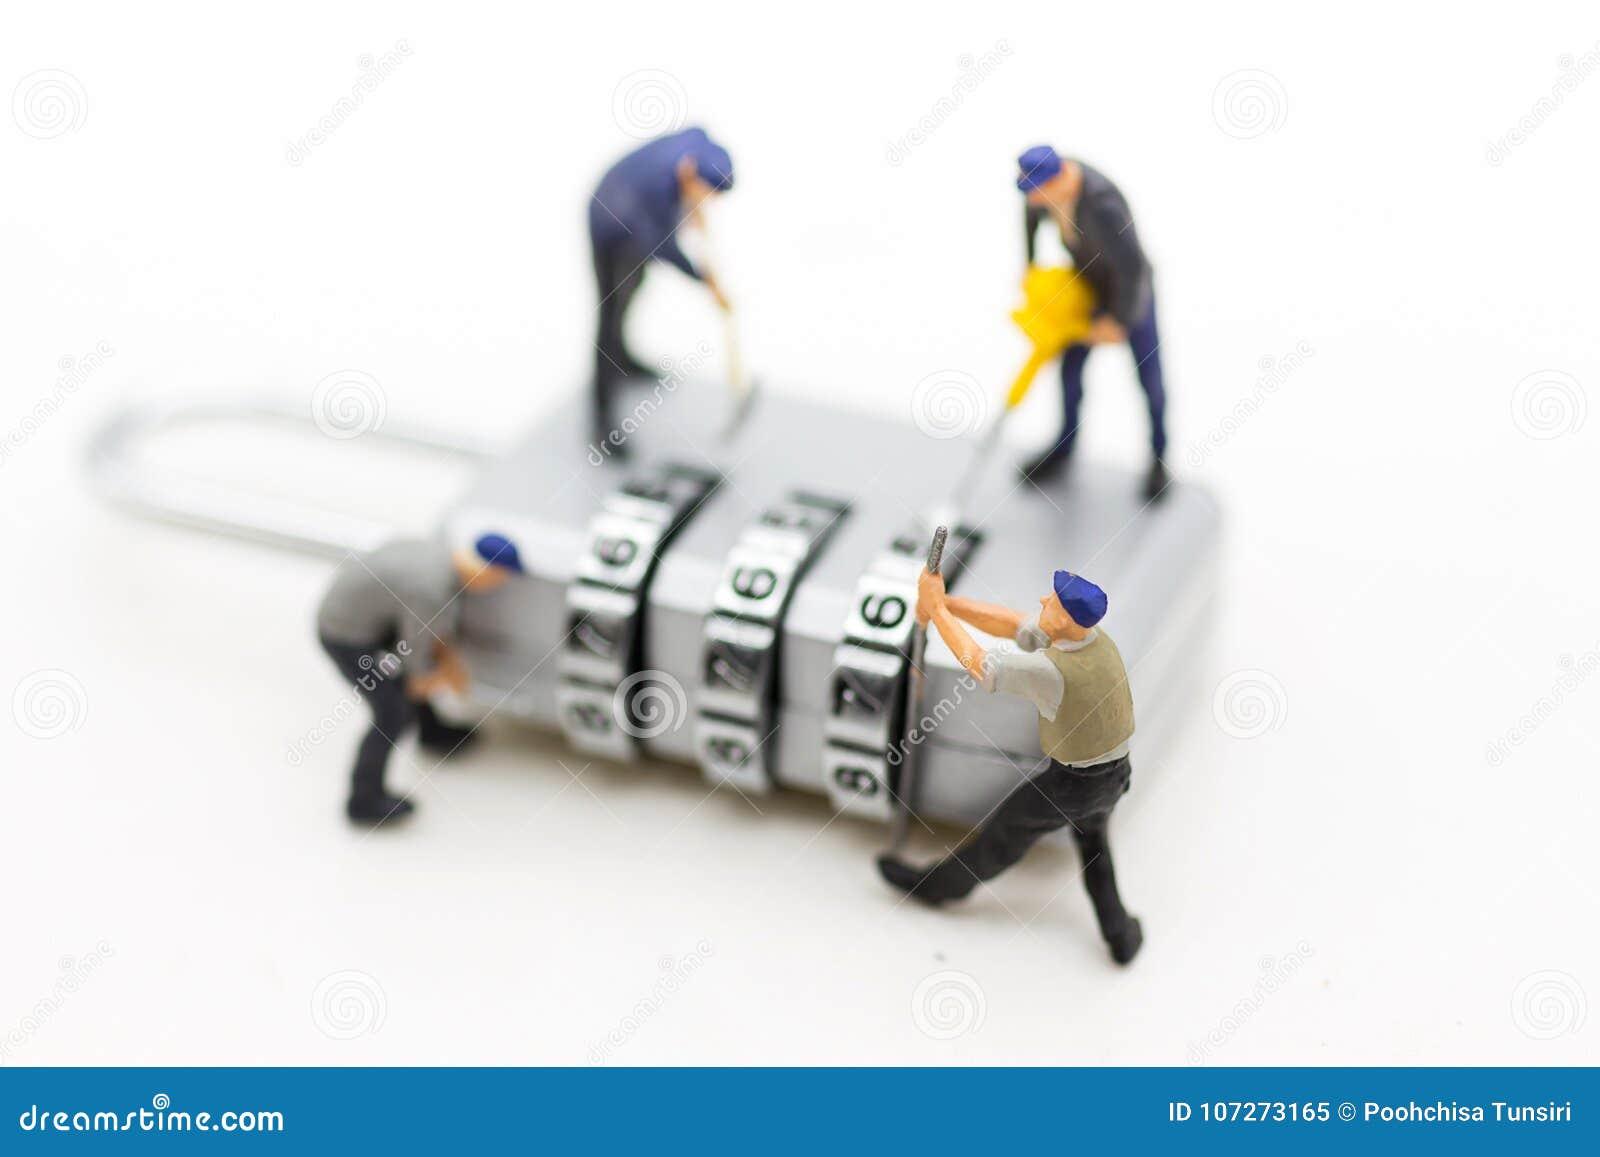 Povos, trabalhador e chave diminutos da segurança usando-se como o sistema de segurança do fundo, corte, conceito do negócio